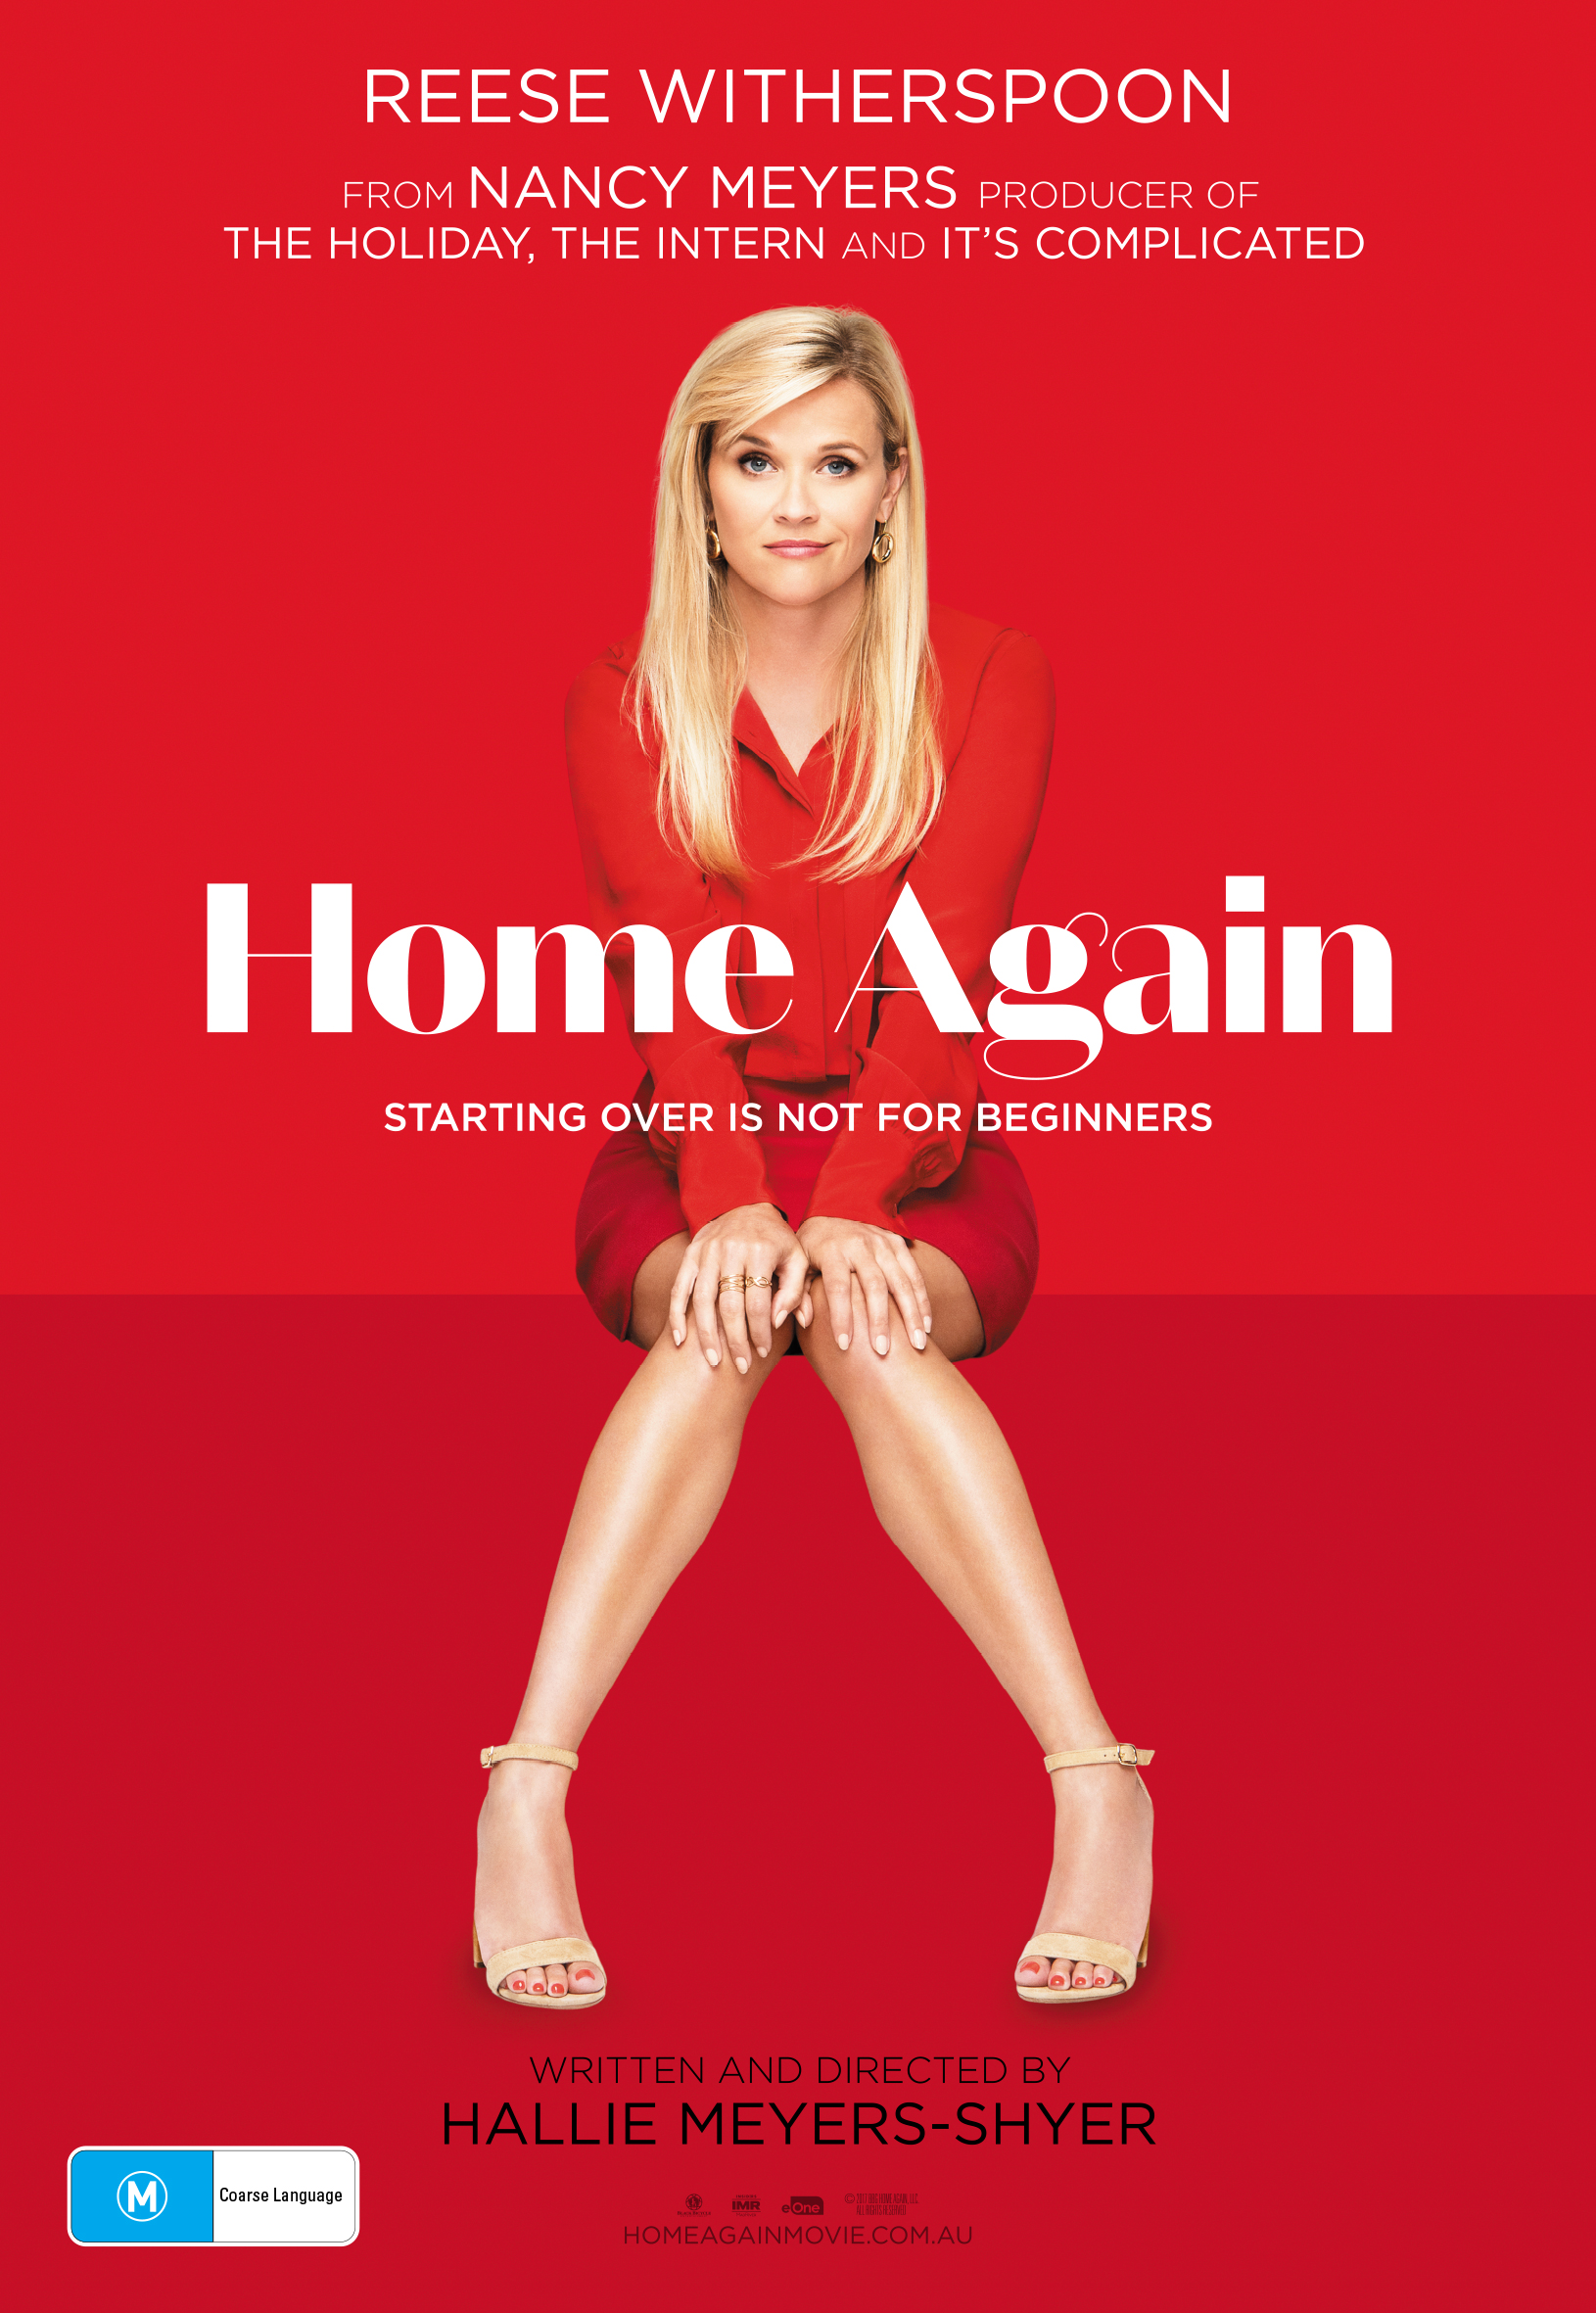 Home Again Film